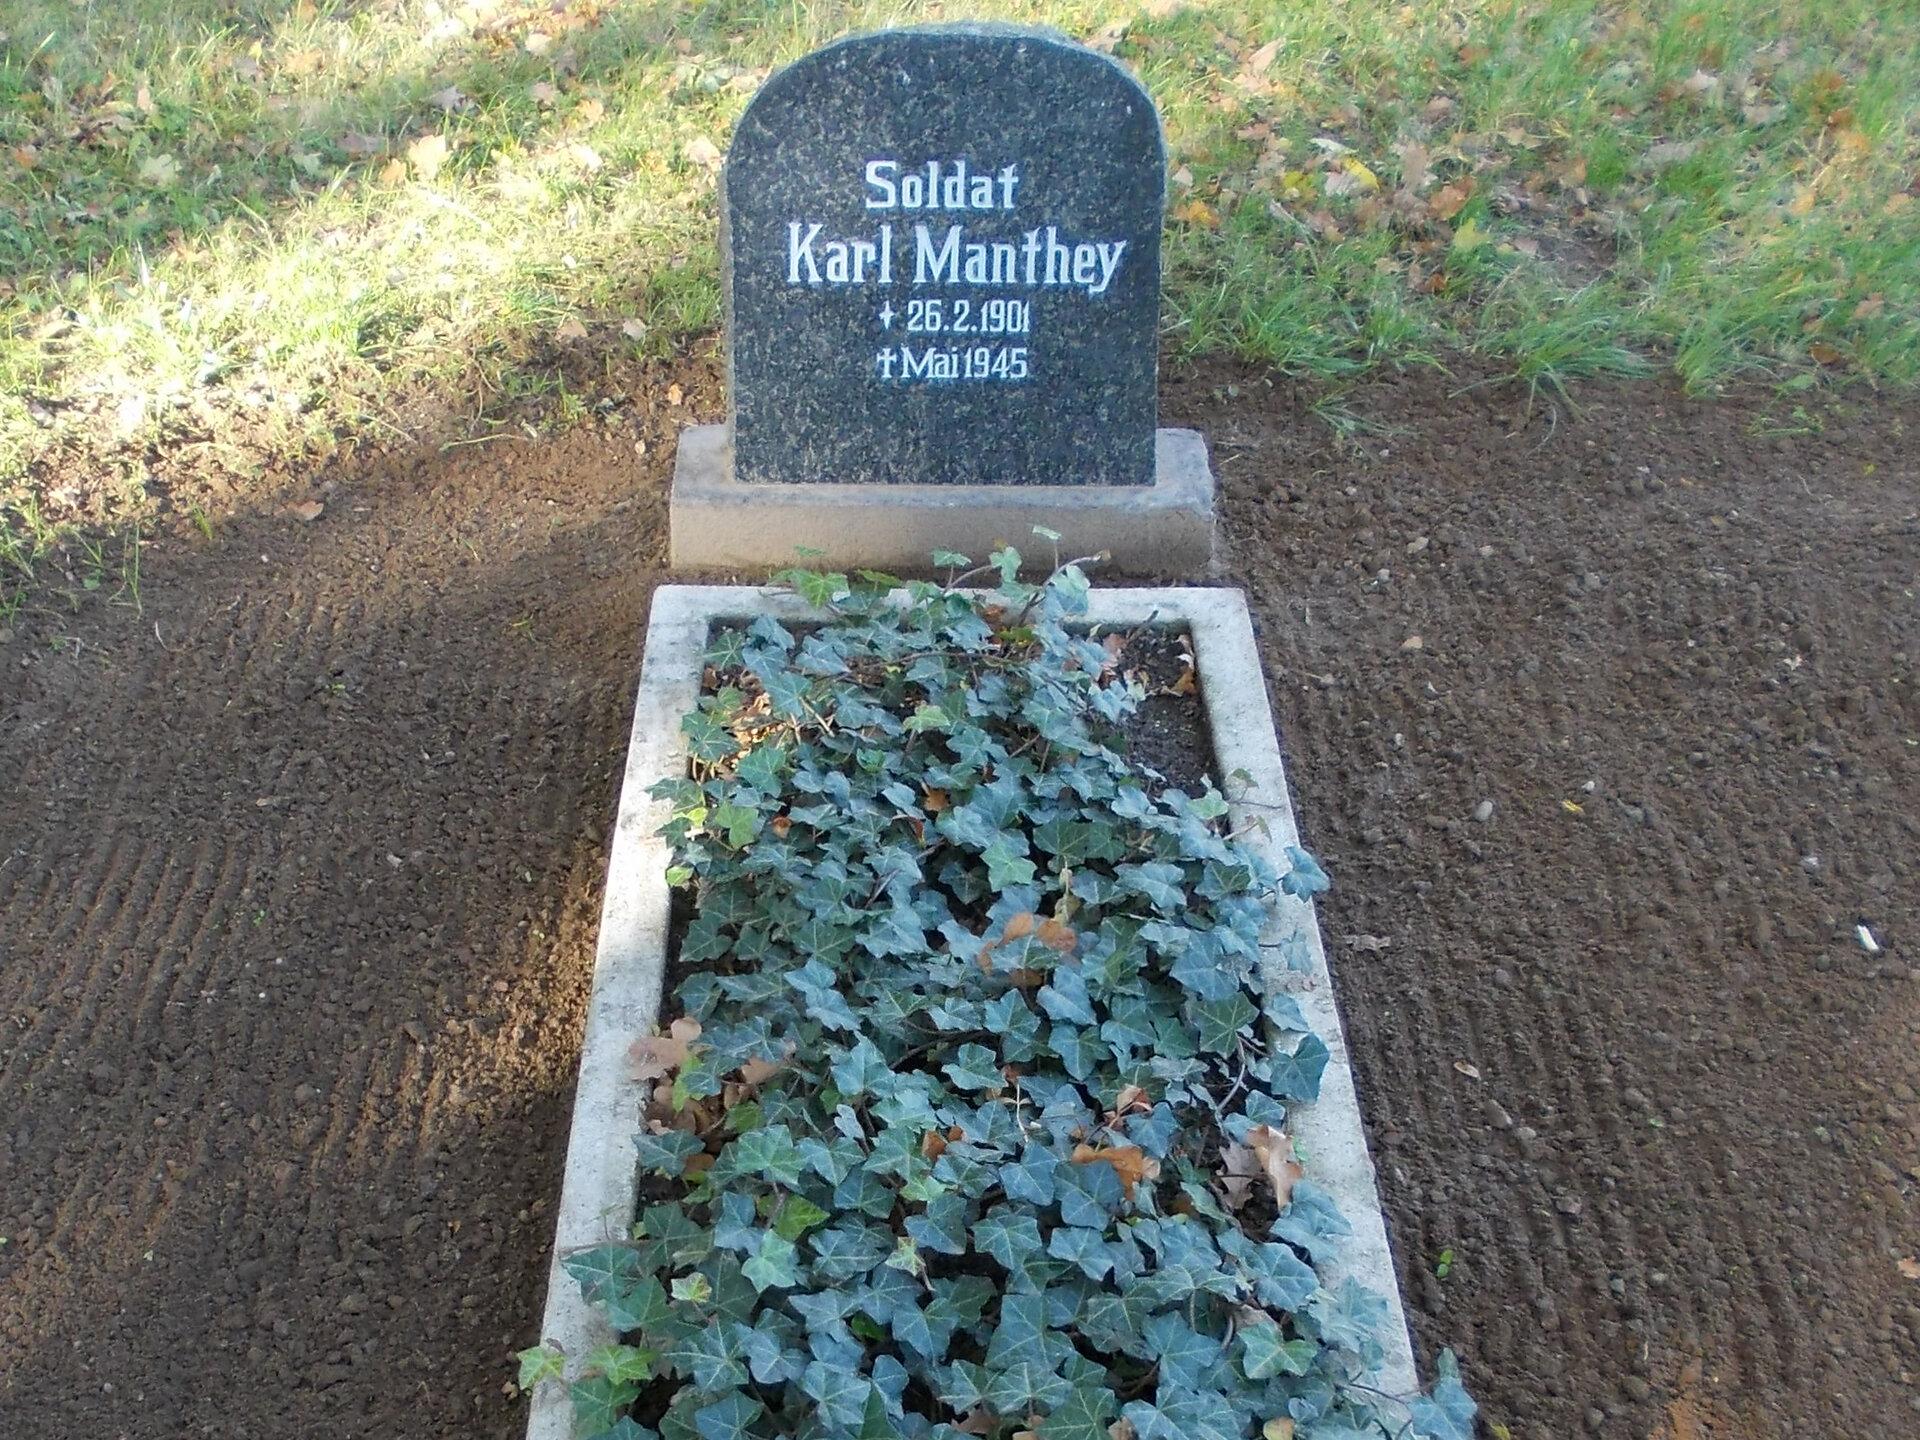 Falkenhagen, Friedhof: Ehrengrab für einen im Zweiten Weltkrieg gefallenen Soldaten